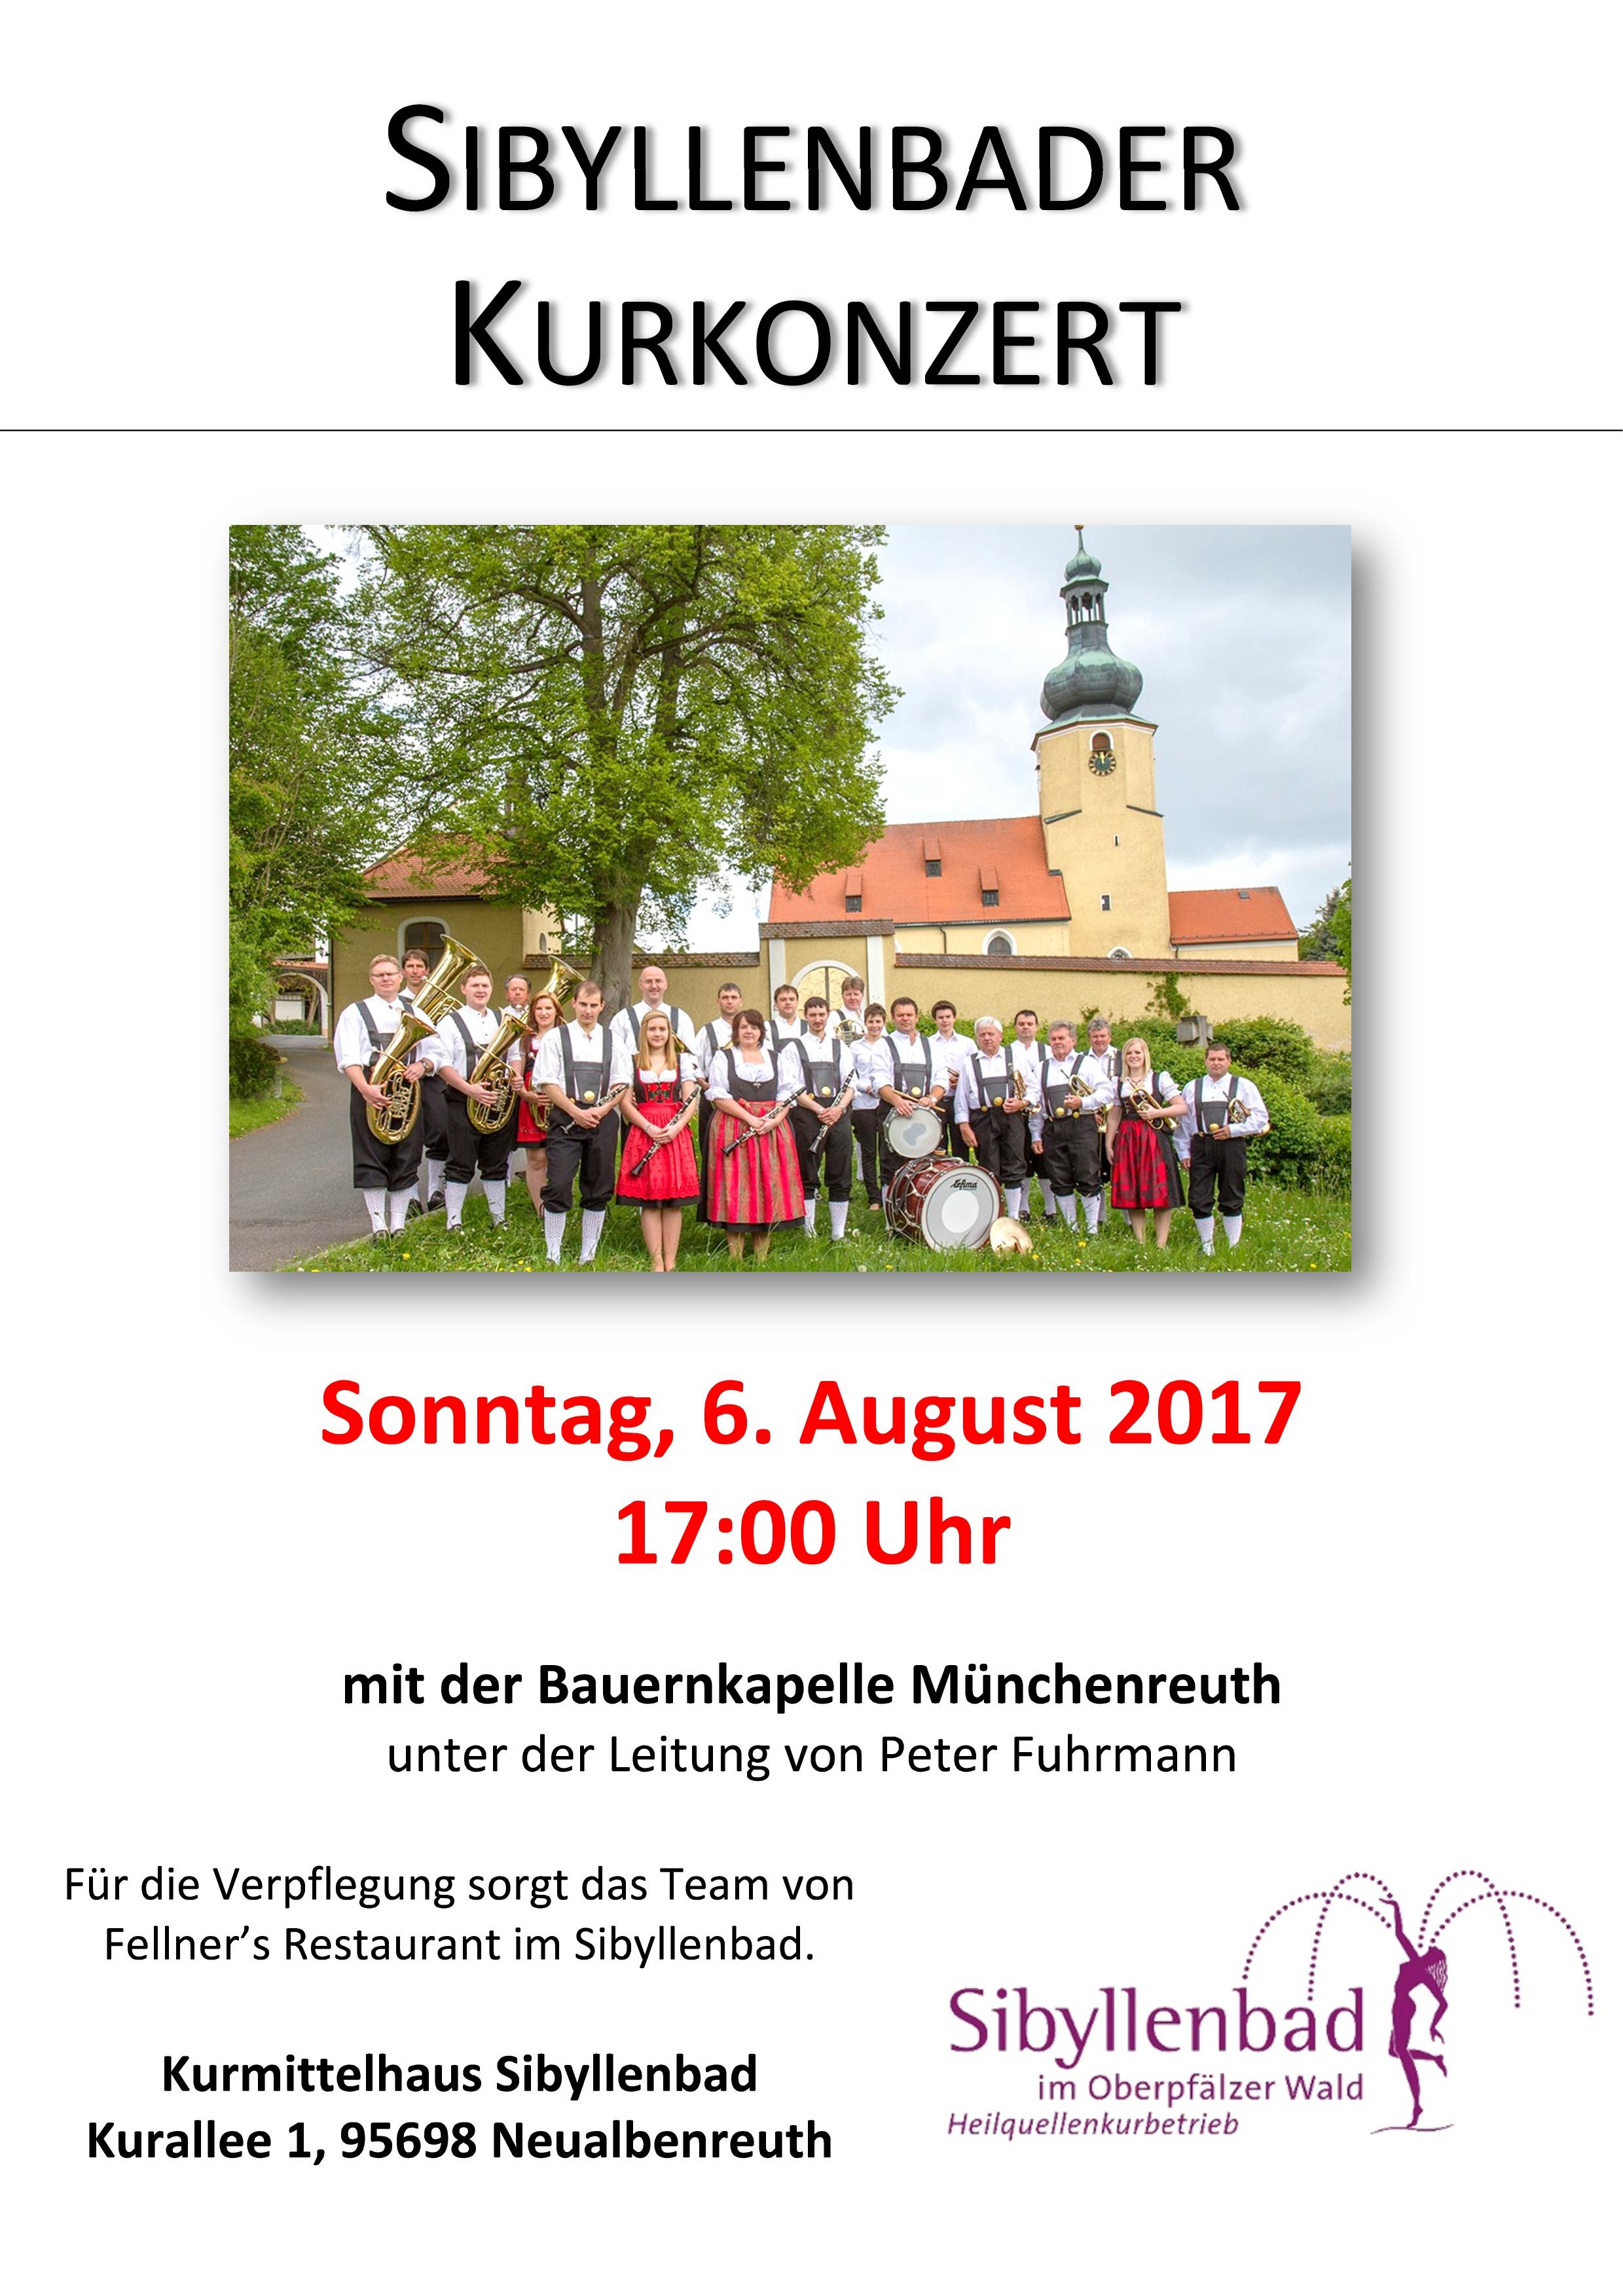 2017-08-06 Kurkonzert Bauernkapelle Münchenreuth